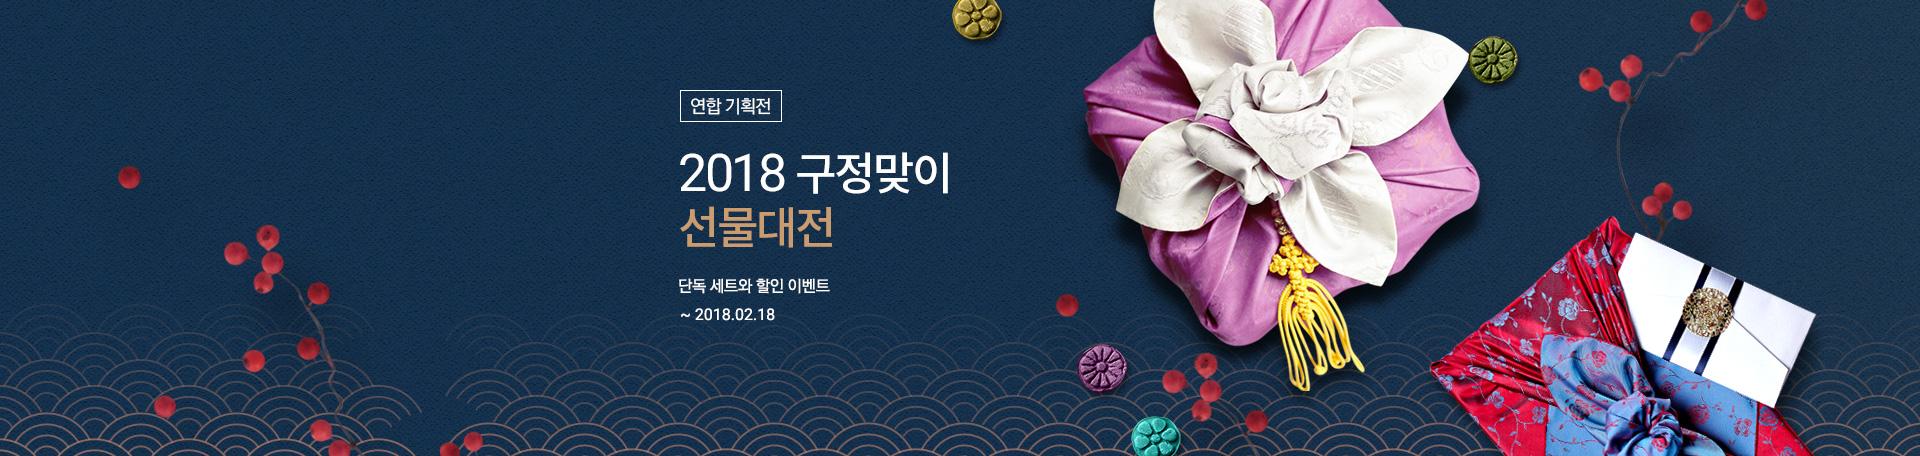 2018 구정맞이 선물대전